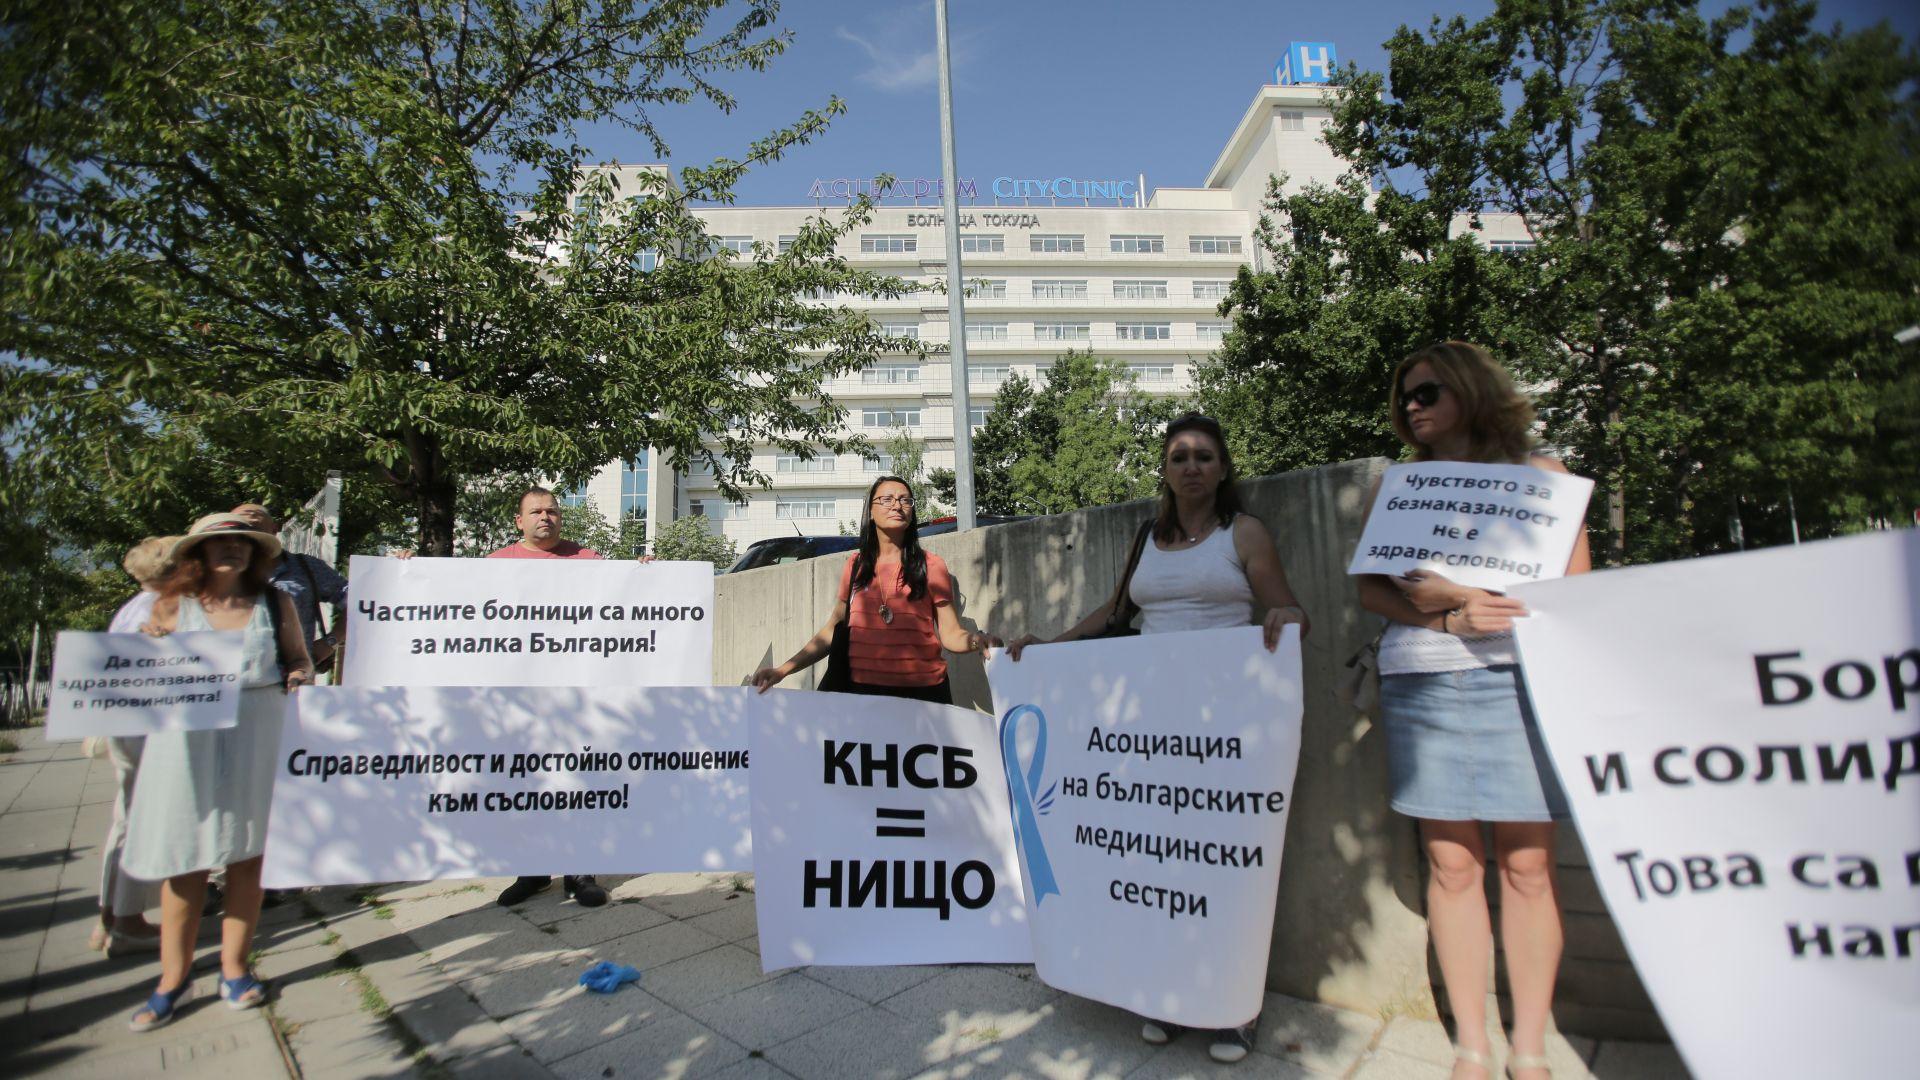 Медицинските сестри отново на протест, нямало увеличение на заплатите